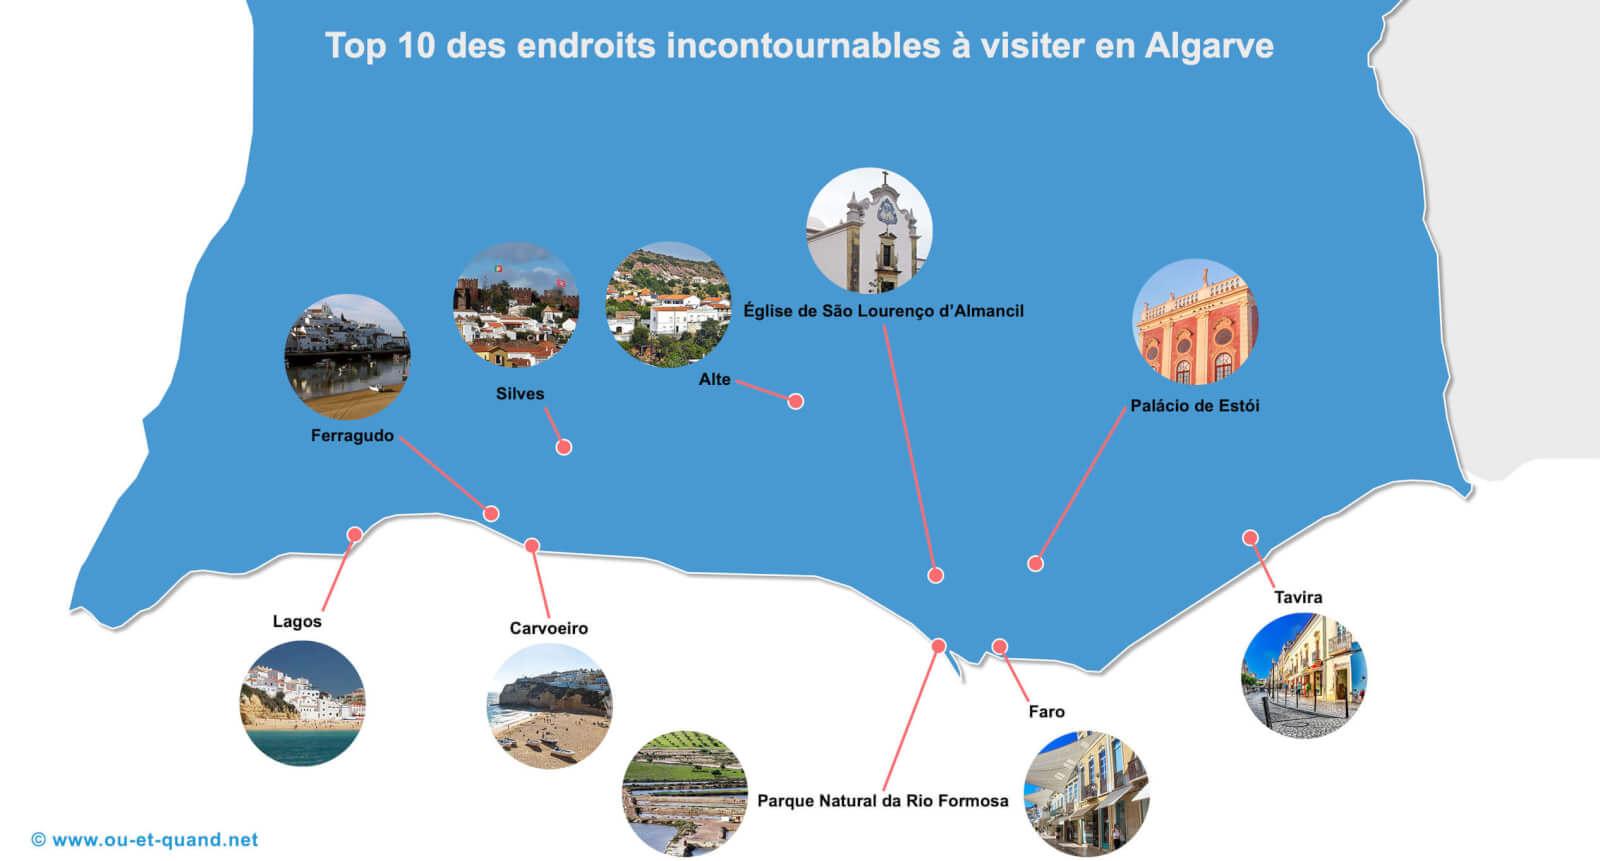 Carte touristique des lieux à visiter en Algarve